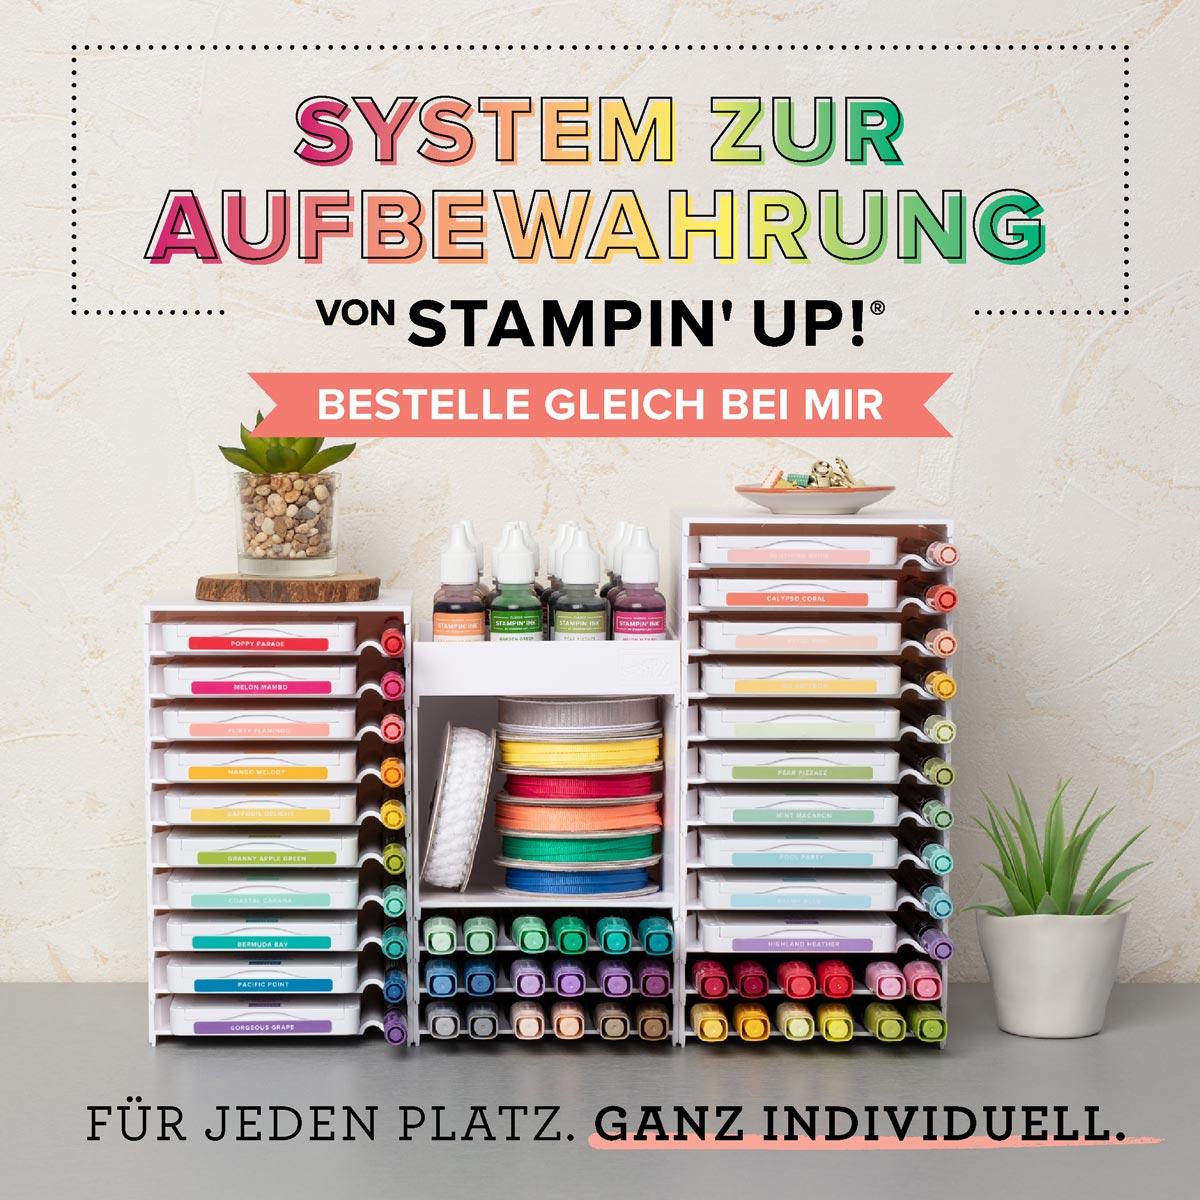 Aufbewahrung für Marker, Stempelkissen und Nachfüller von Stampin' Up!